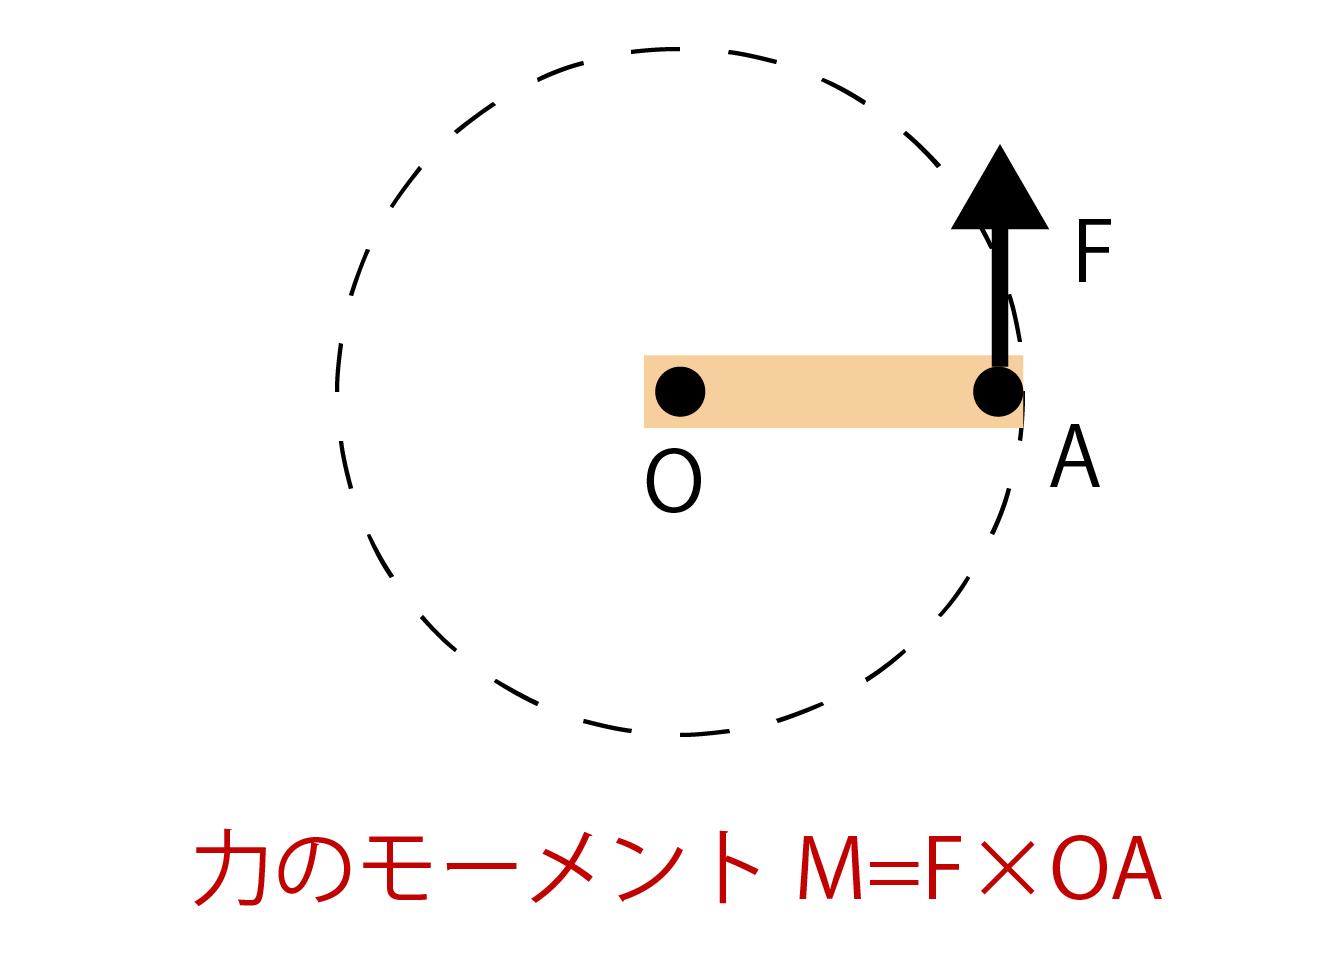 力のモーメントの公式・求め方解説画像